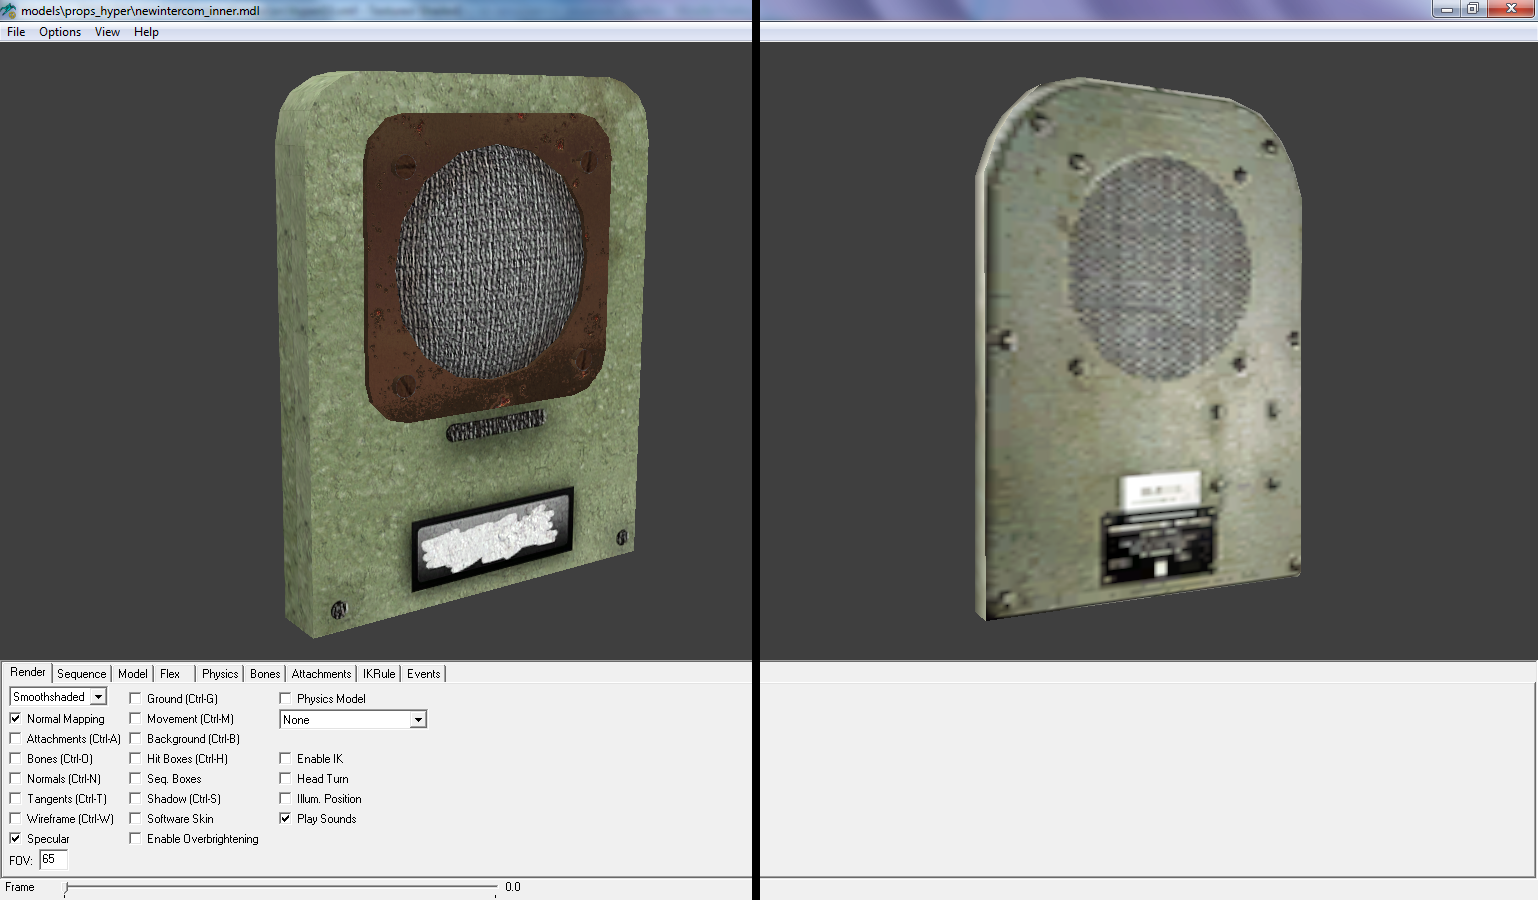 Технологический прогресс дает о себе знать, и самая важная деталь корабля наконец приведена в божеский вид (сетка динамика, бронзовая пластинка и винтики не фальшивые). - Half-Life 2